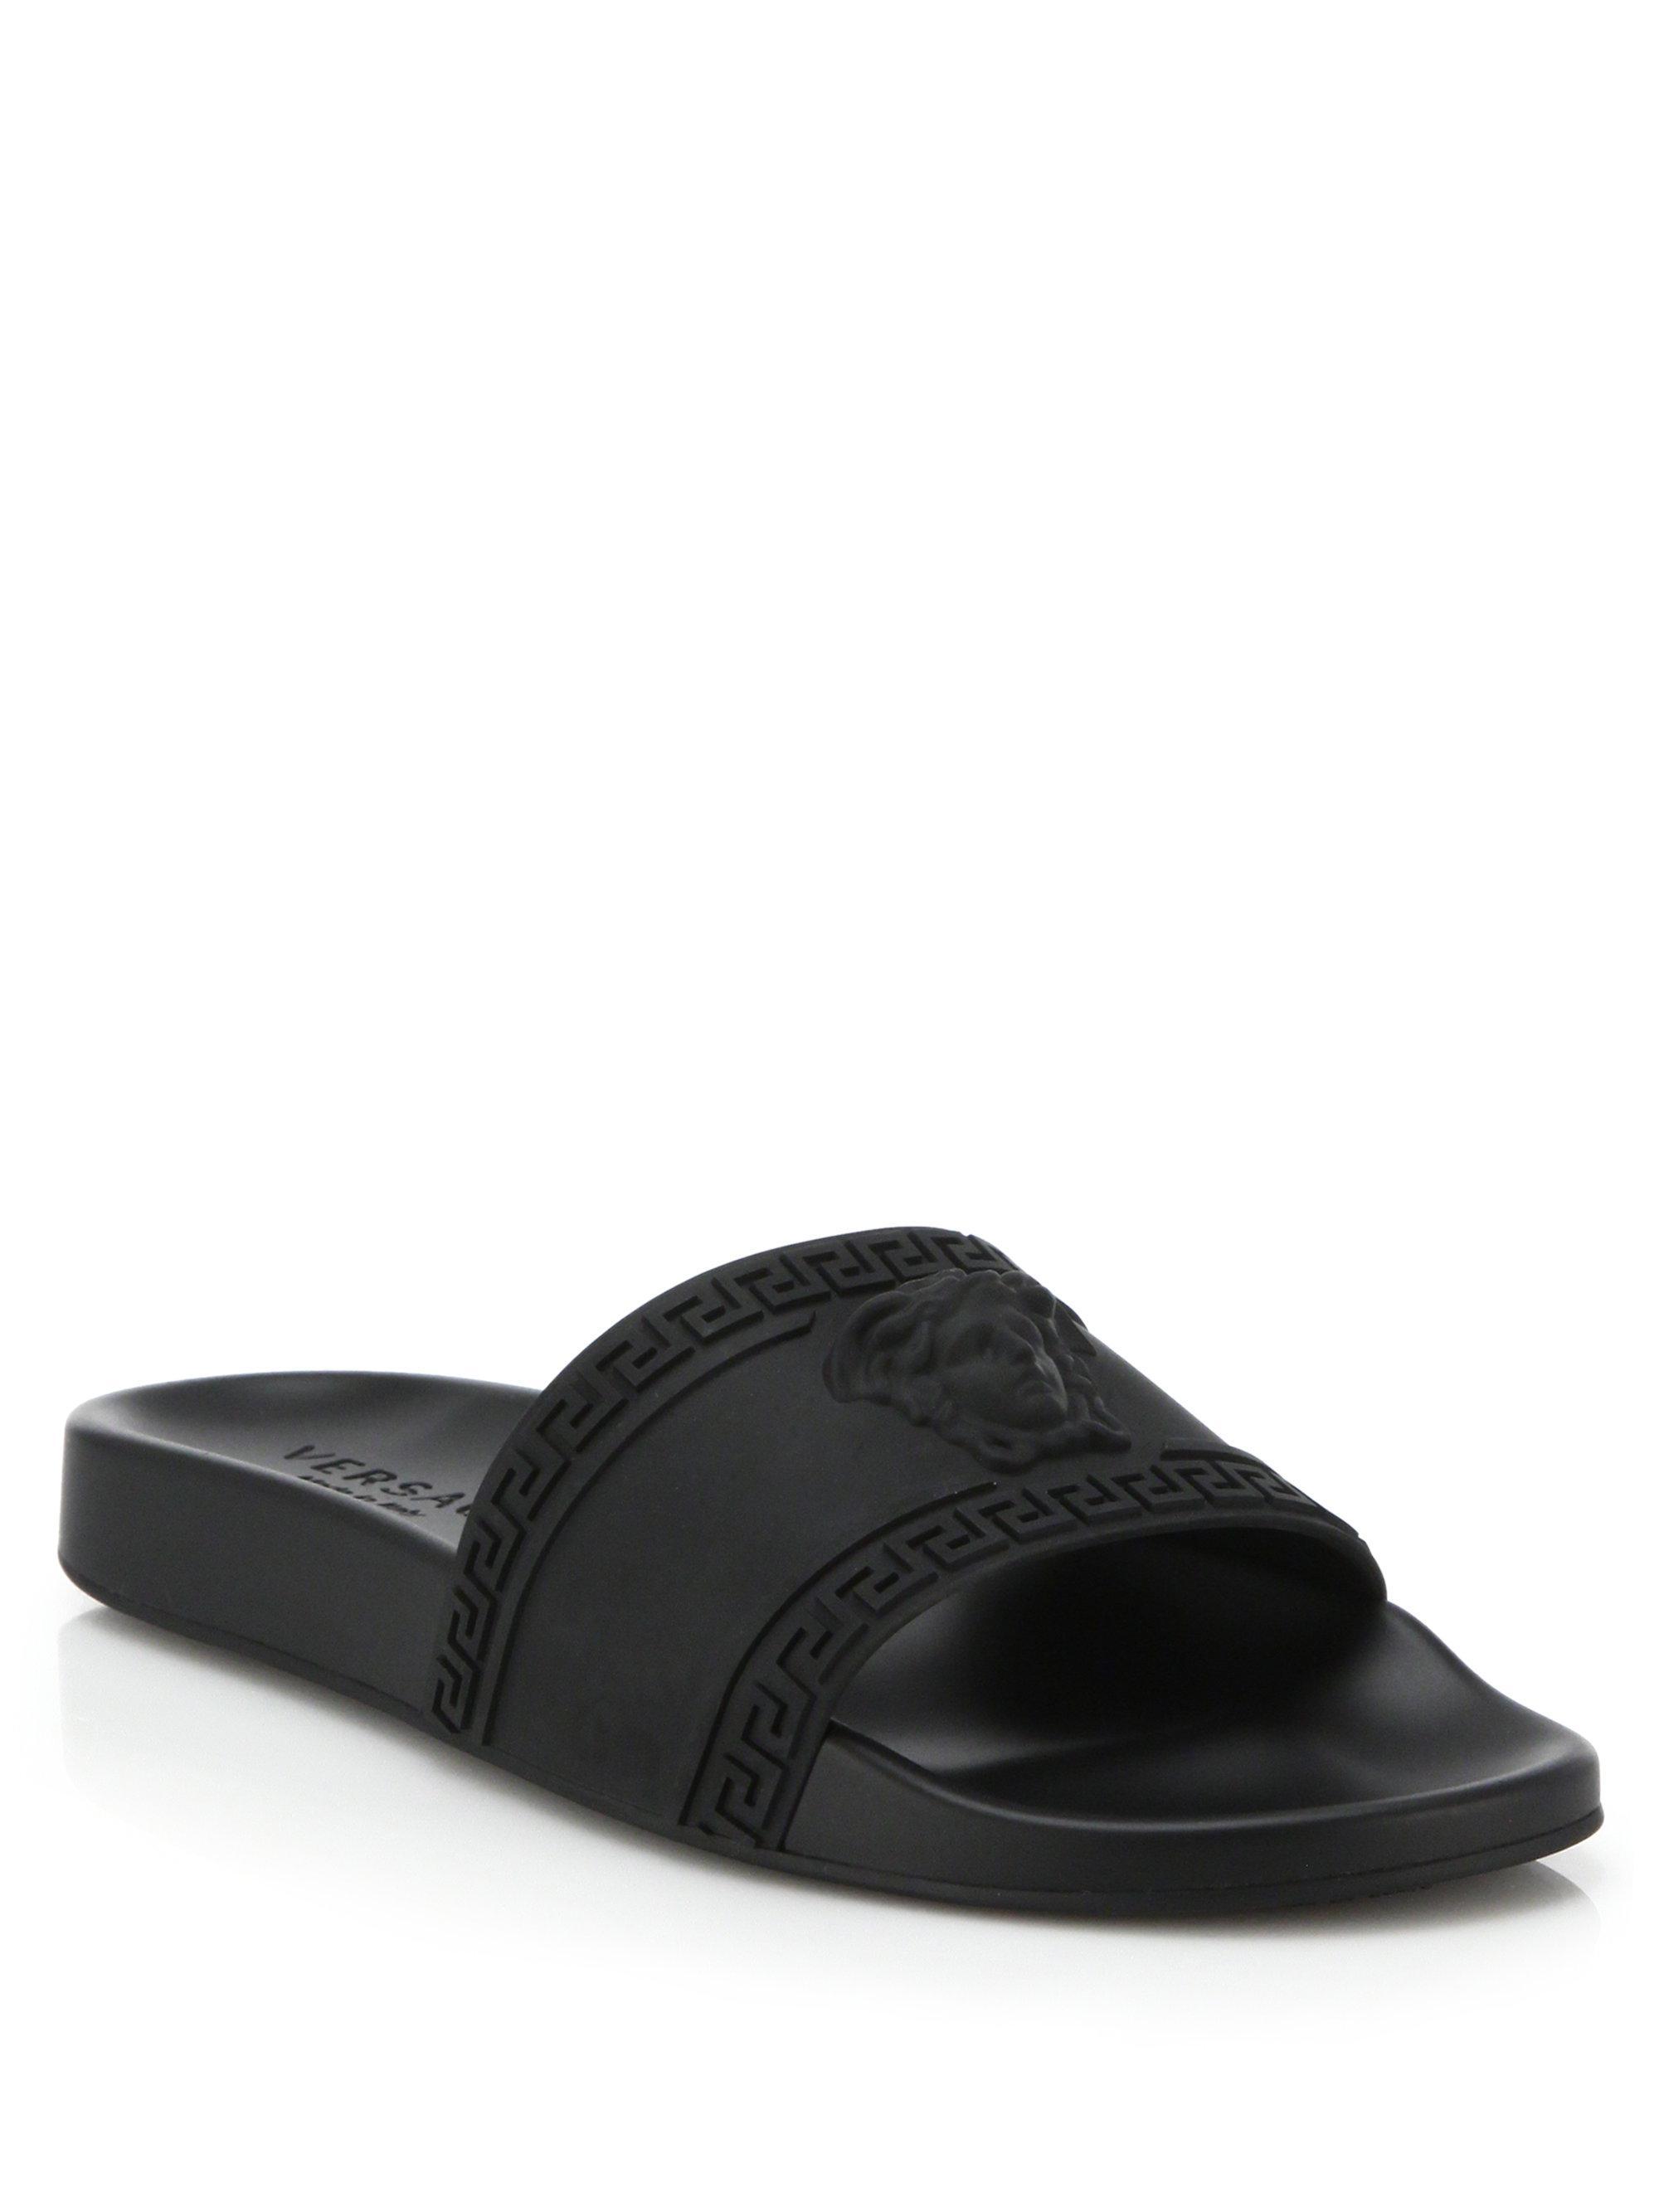 VERSACE Logo slider sandals ASF5a